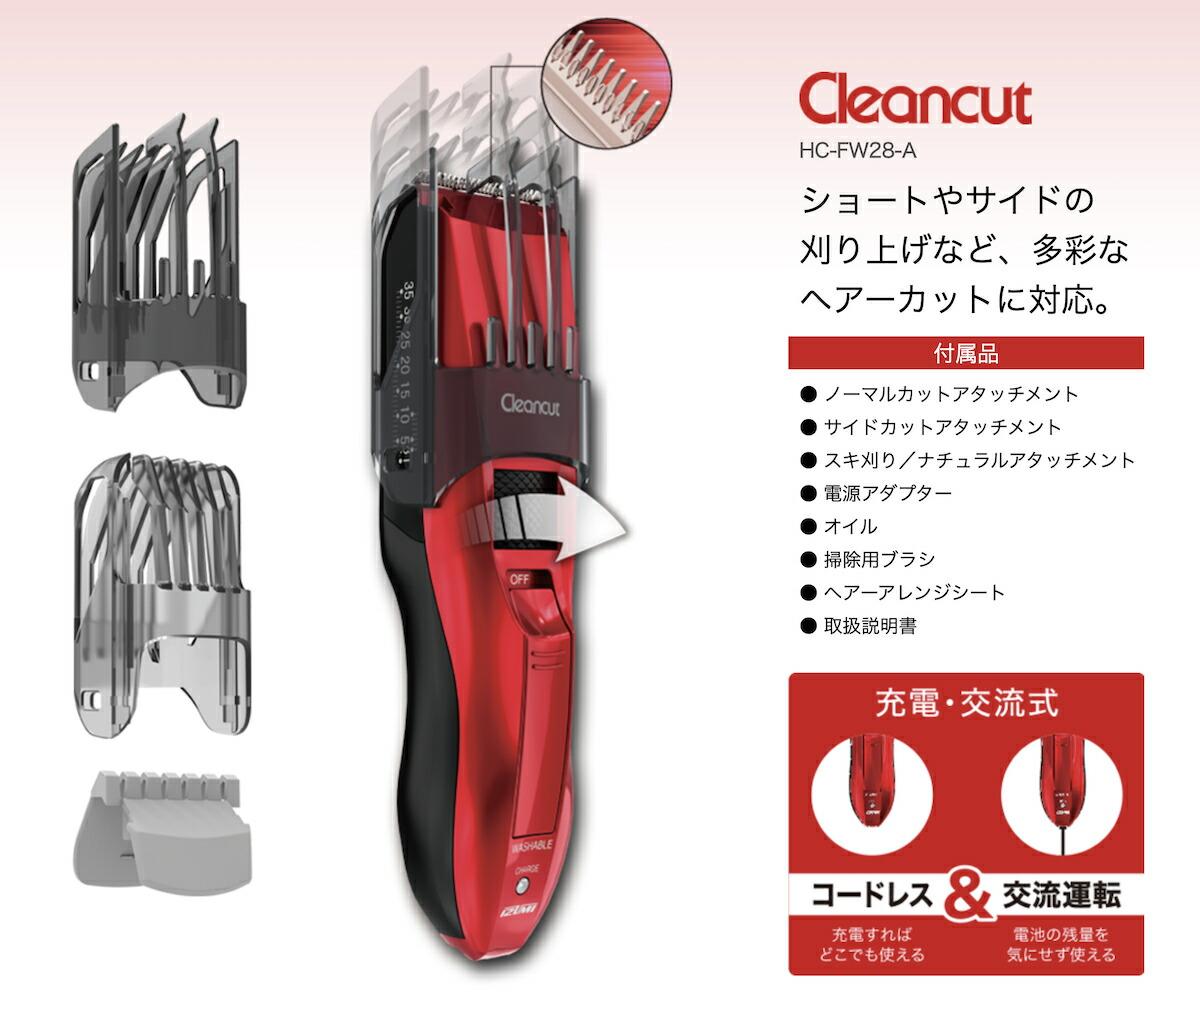 Cleancut HC-FW28-R